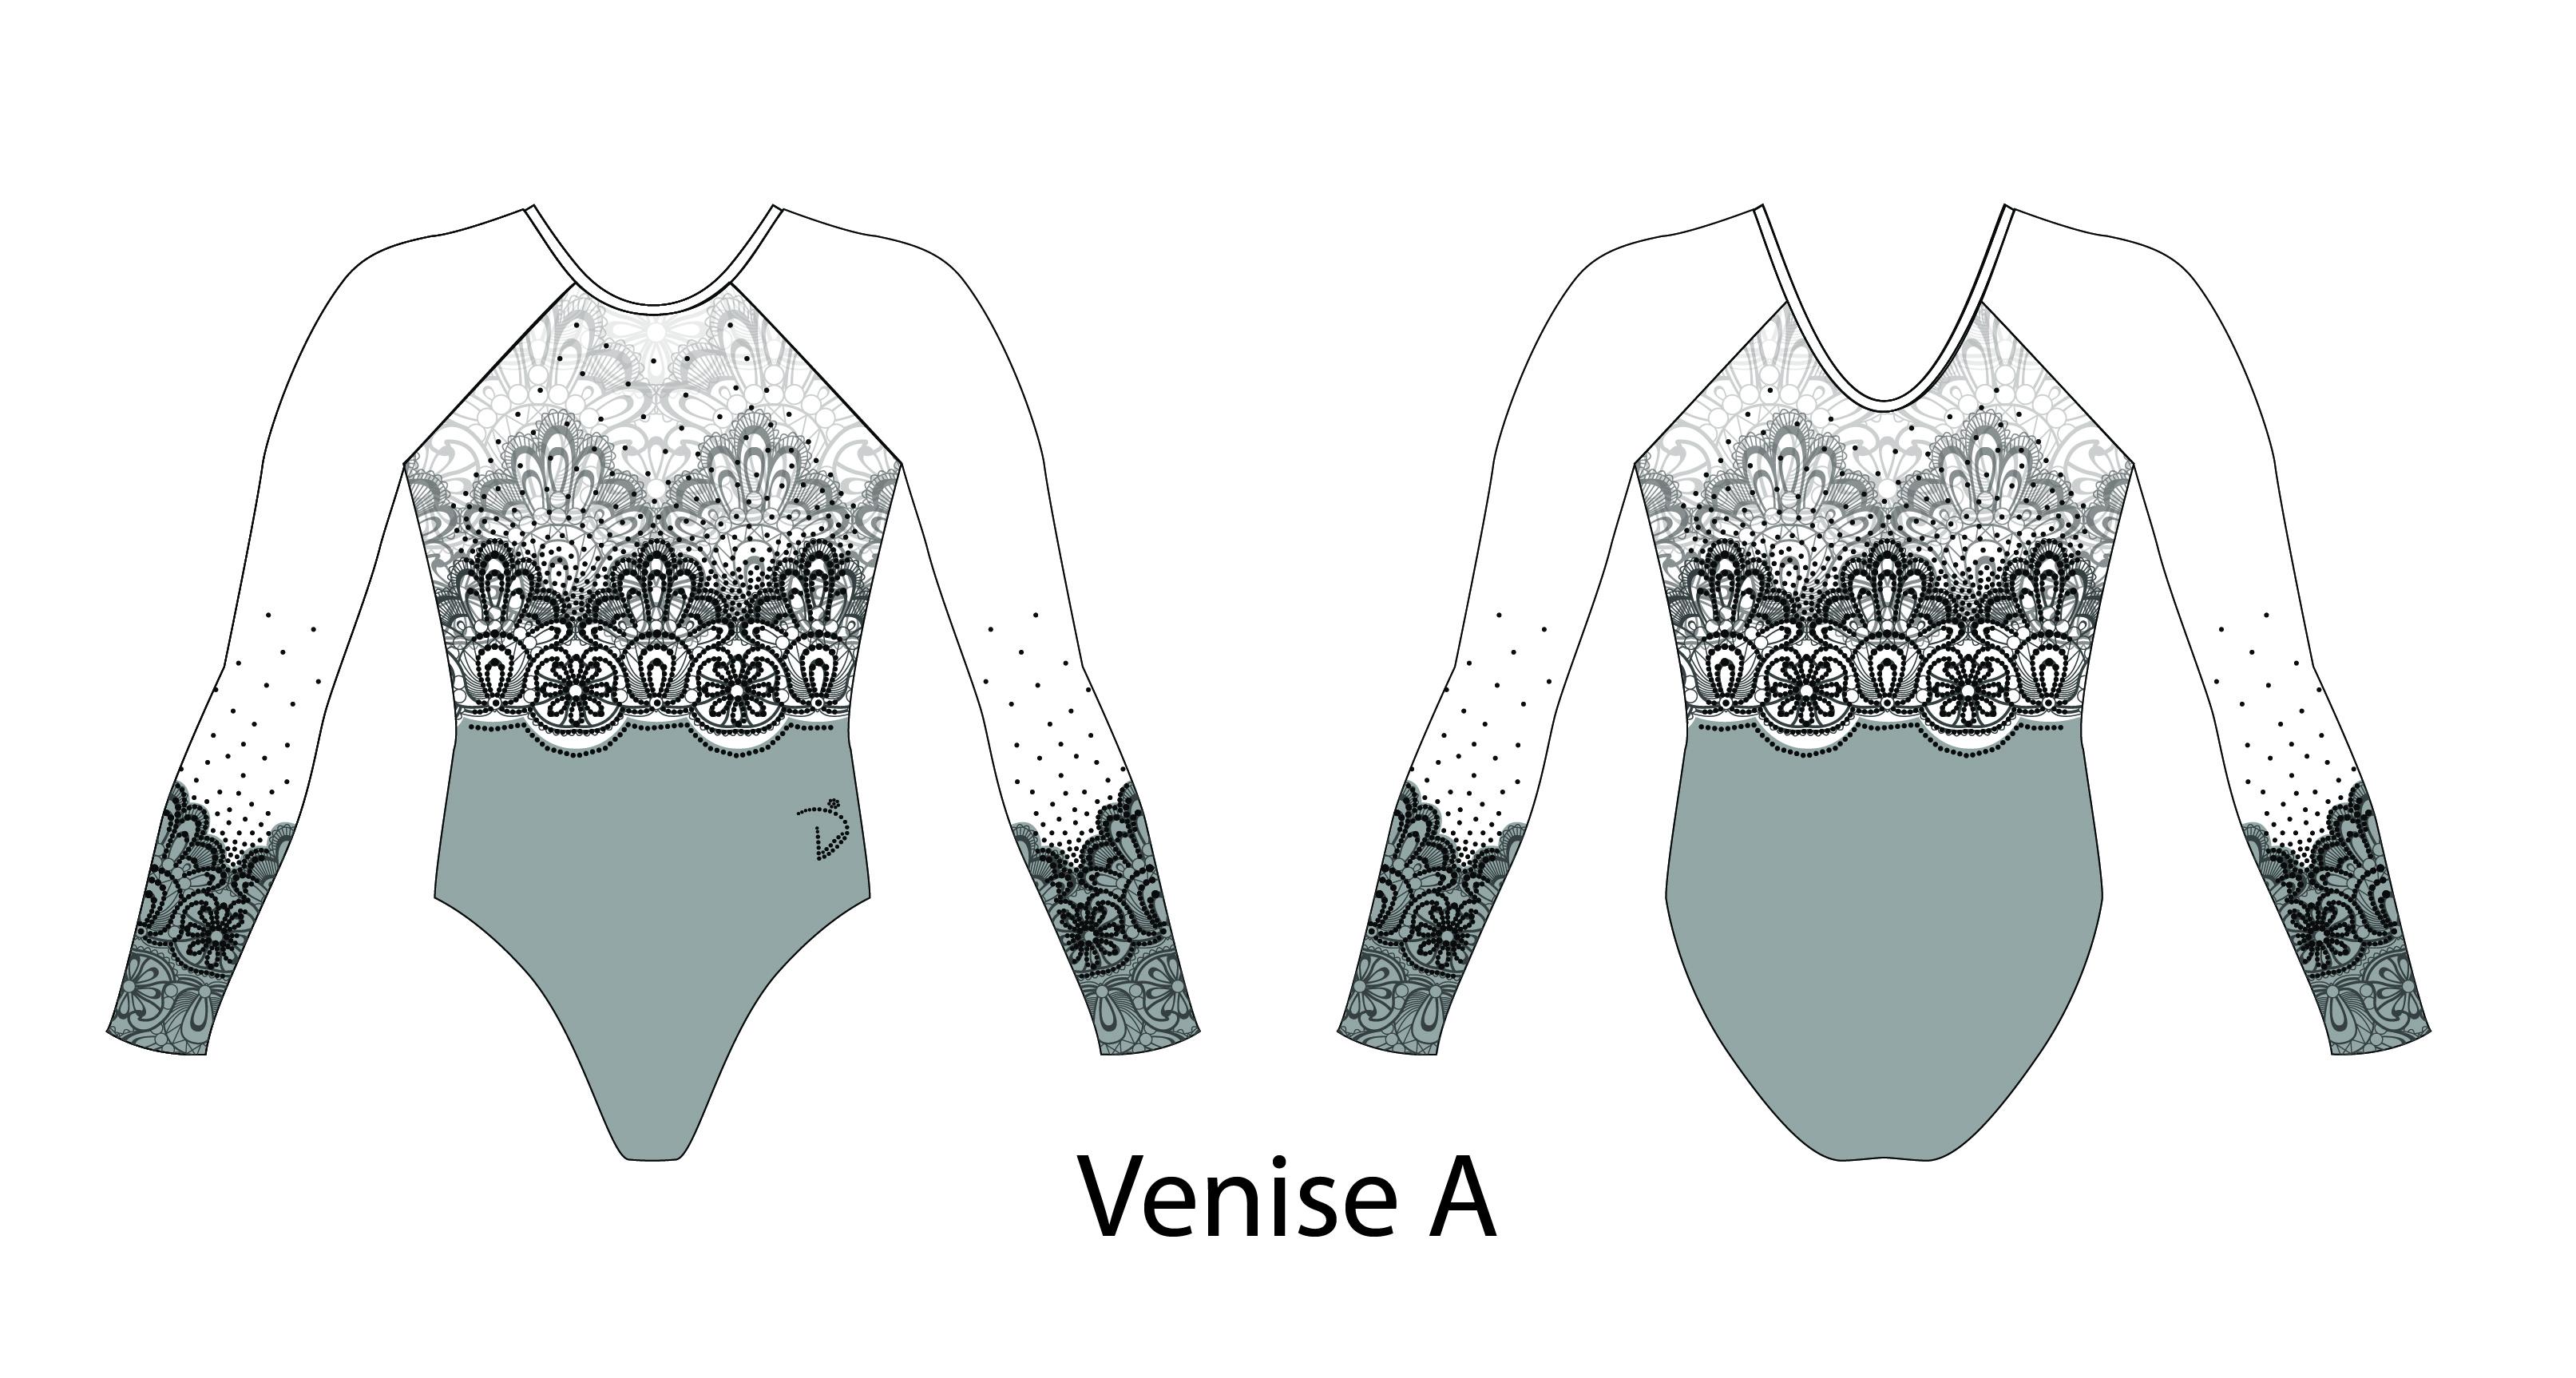 Venise A